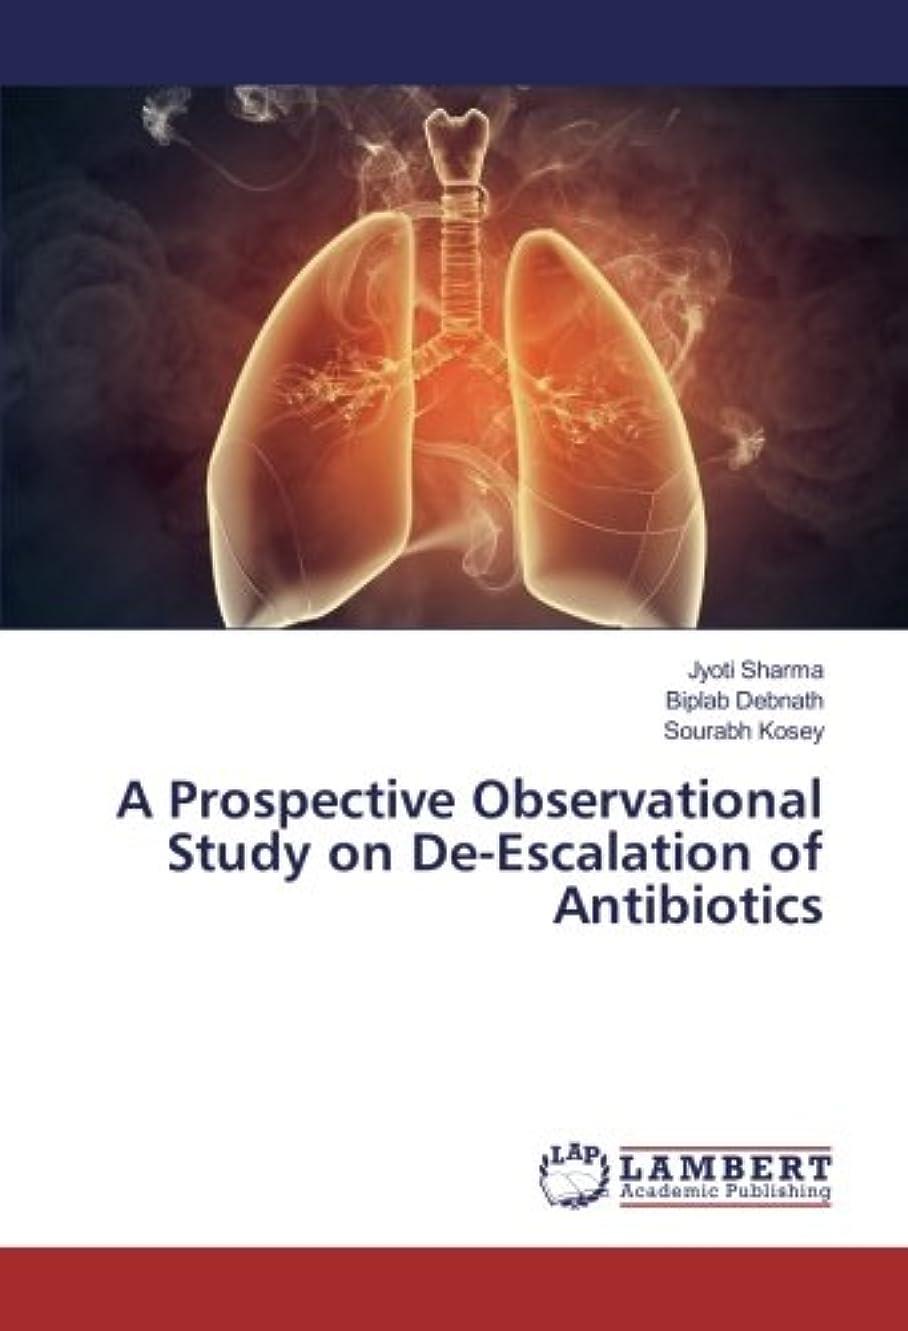 学ぶ感性喉頭A Prospective Observational Study on De-Escalation of Antibiotics